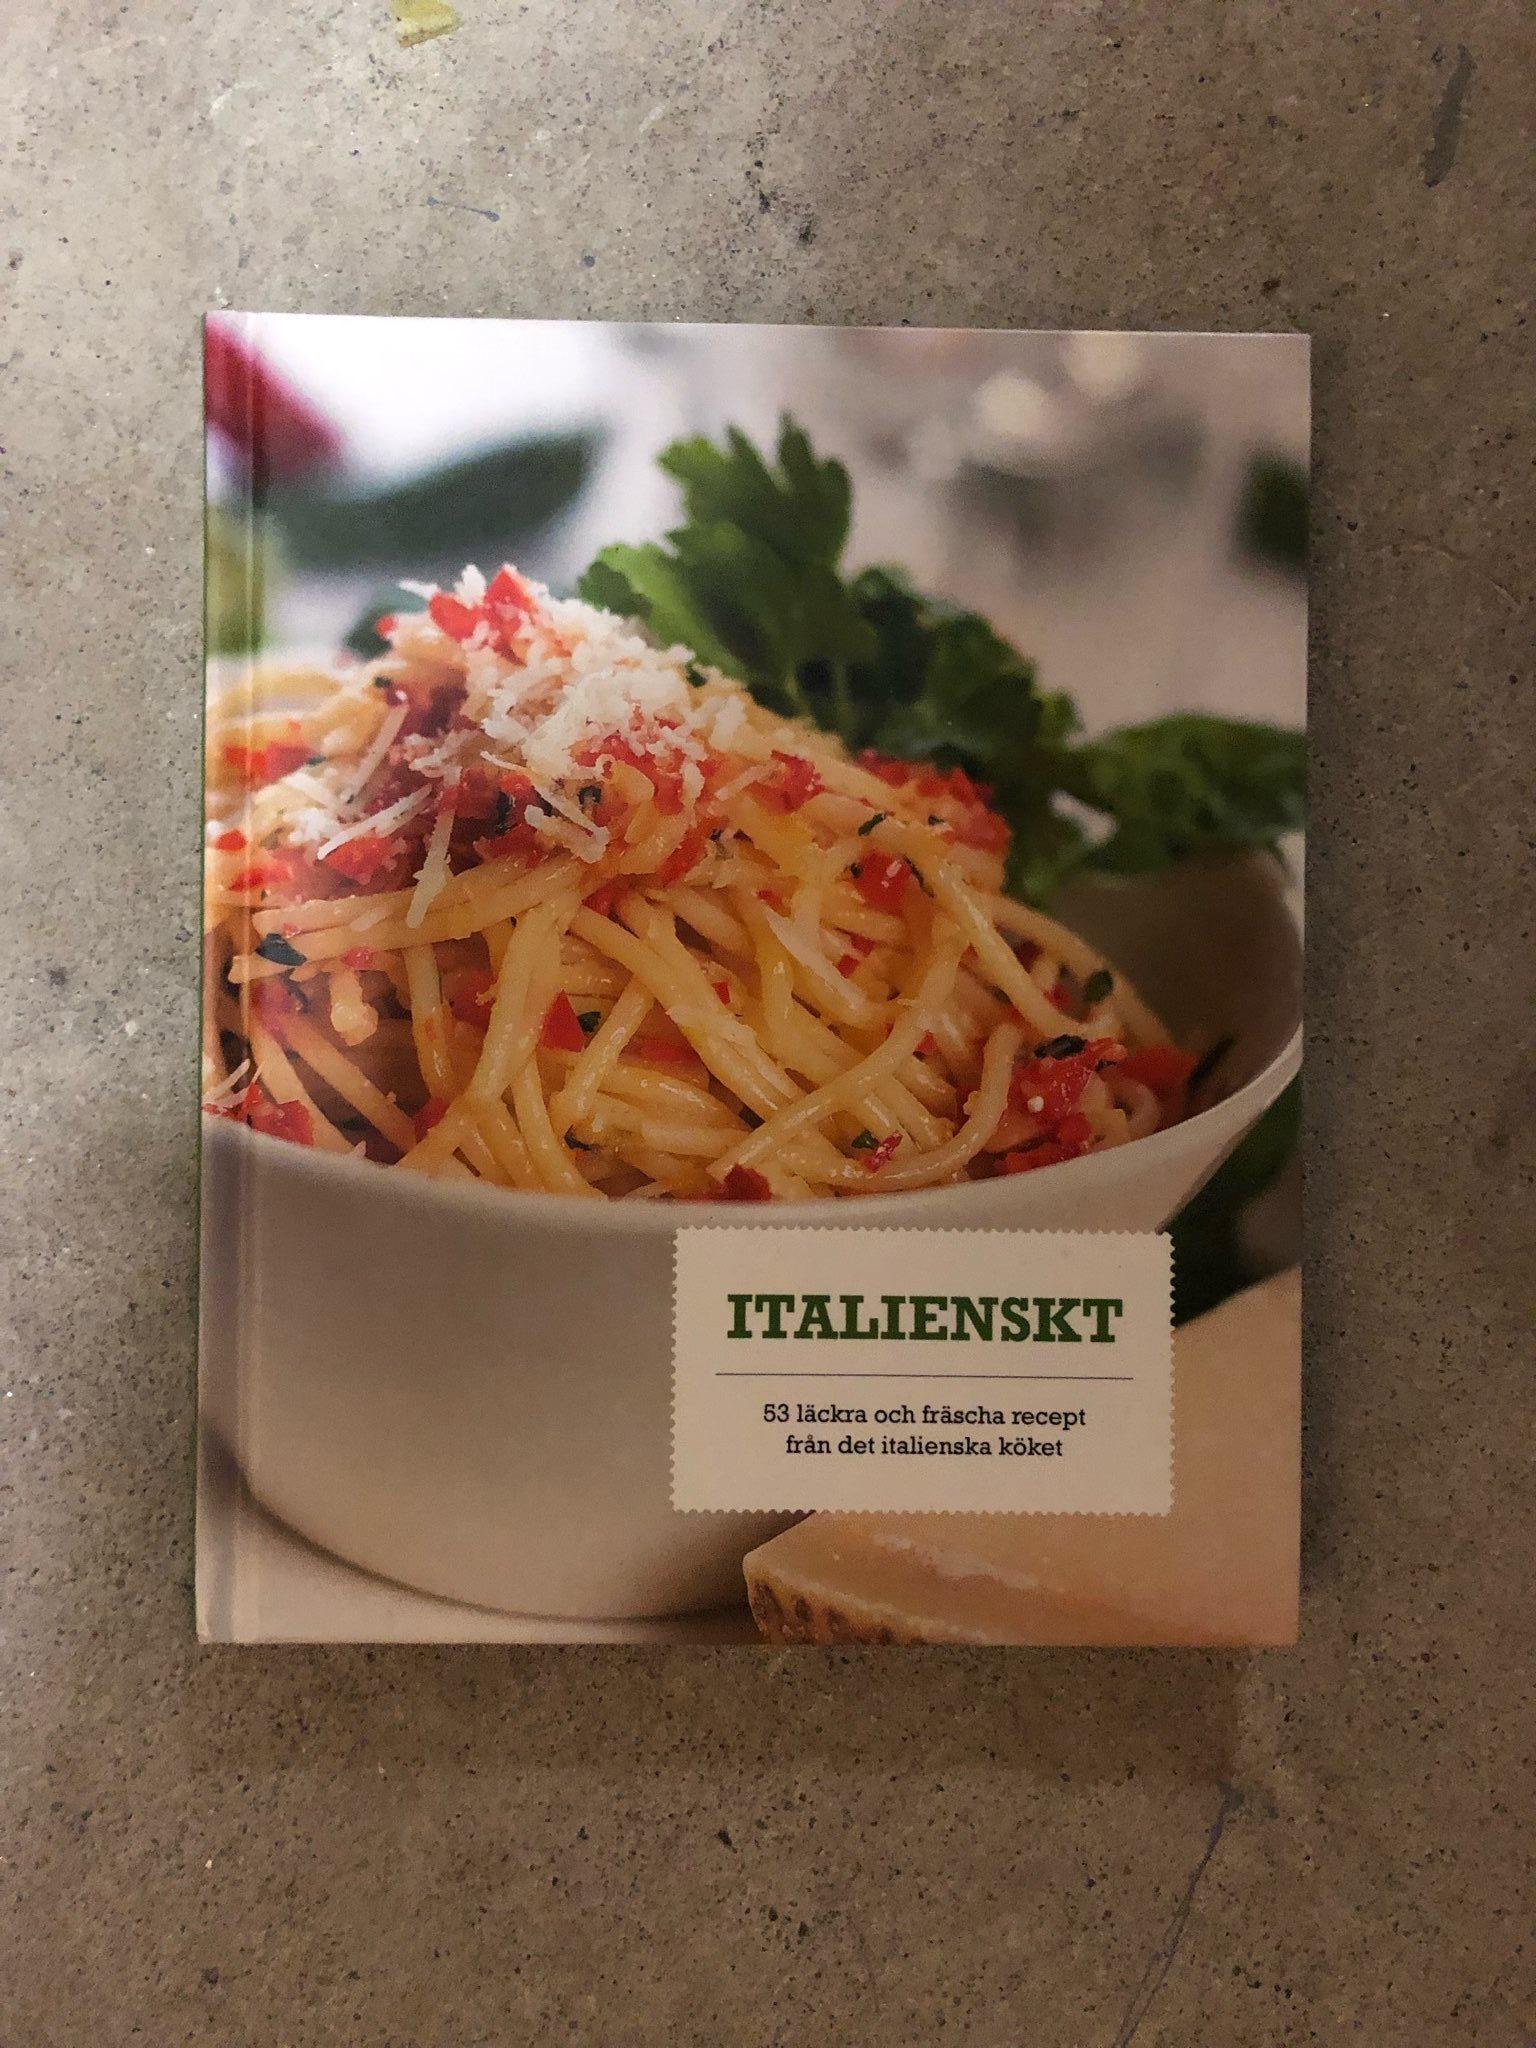 äkta italiensk spagetti carbonara